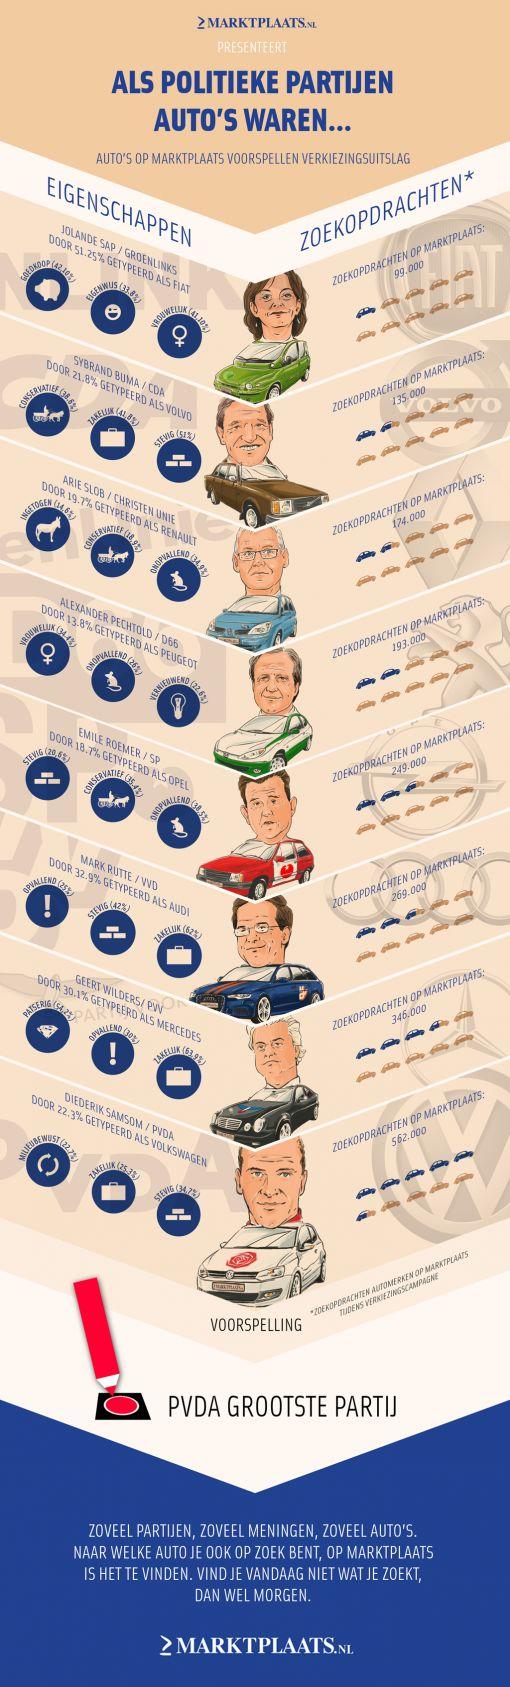 marktplaats-infographic_als-politieke-partijen-autos-waren-2